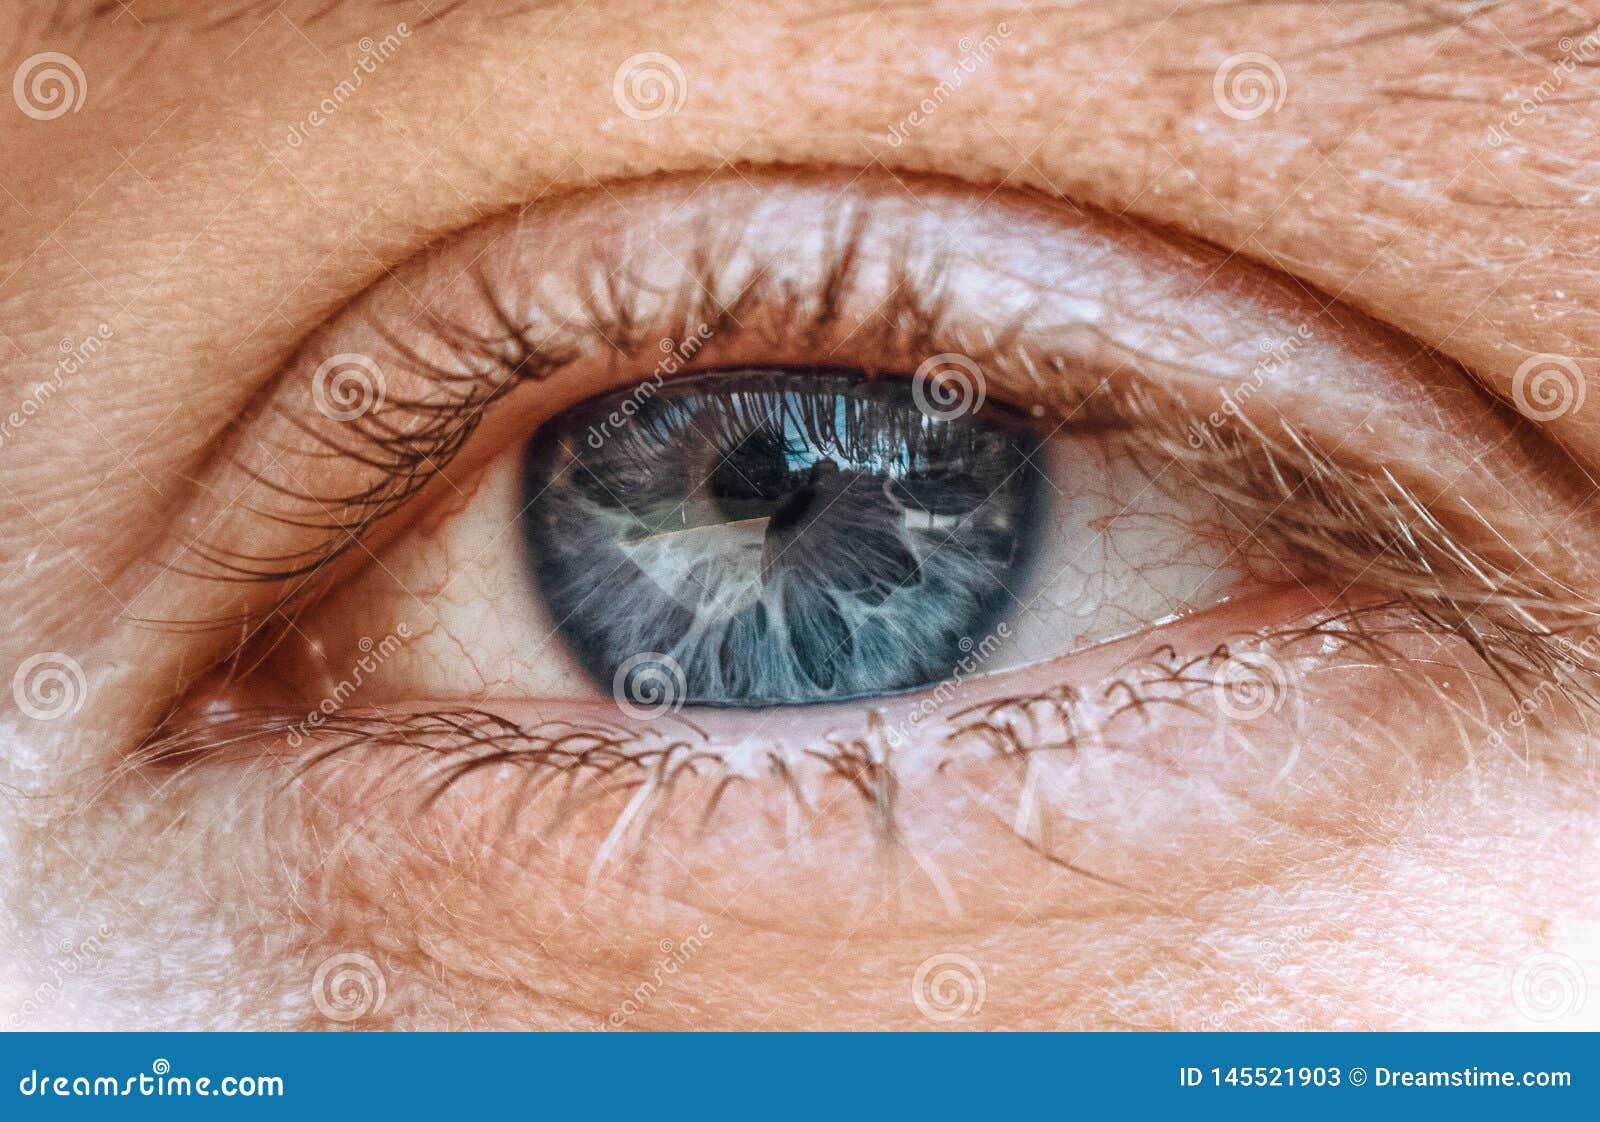 El vetear en el ojo del mundo a continuaci?n